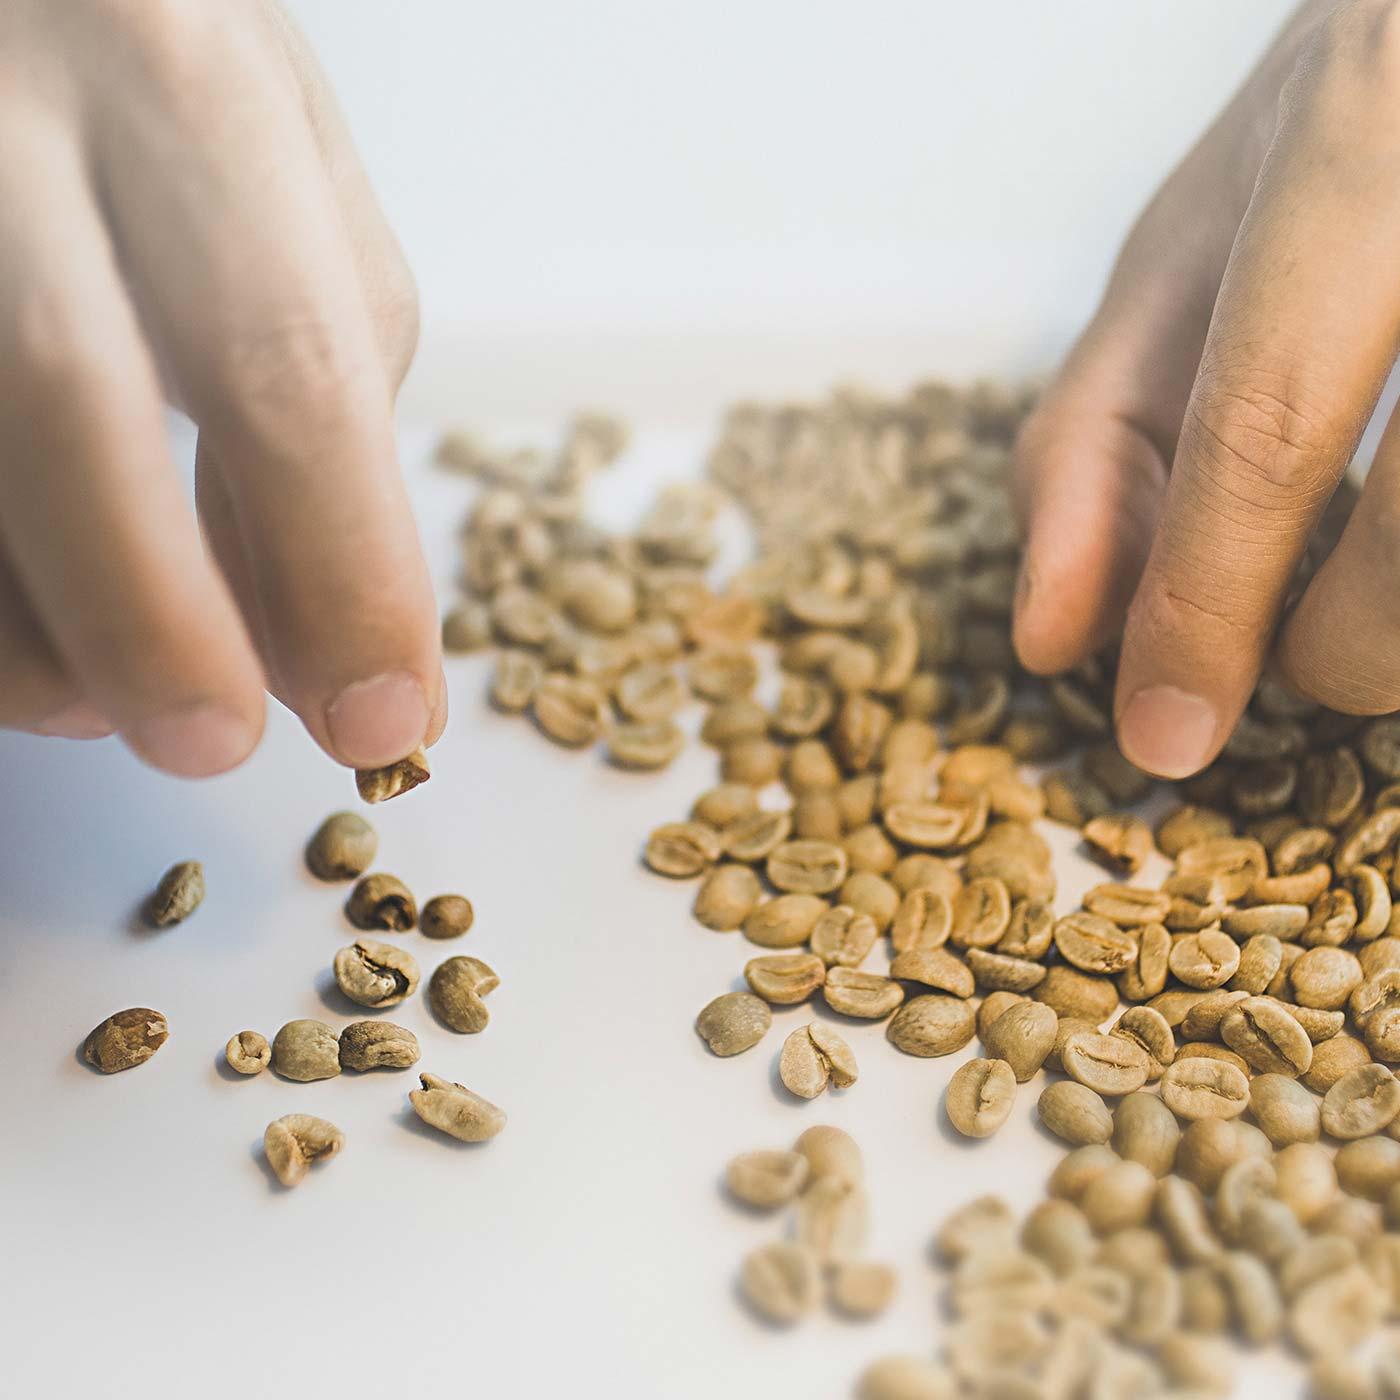 ハンドピックとは、どんな高級豆にも混ざる欠点豆をひと粒ずつ取り除く作業のこと。大変な作業ですが、ビッグスマイルコーヒーは、焙煎前と焙煎後の2度のハンドピックで欠点豆を徹底して取り除いています。 ※写真はイメージです。実際のハンドピックでは、手袋をして作業しています。